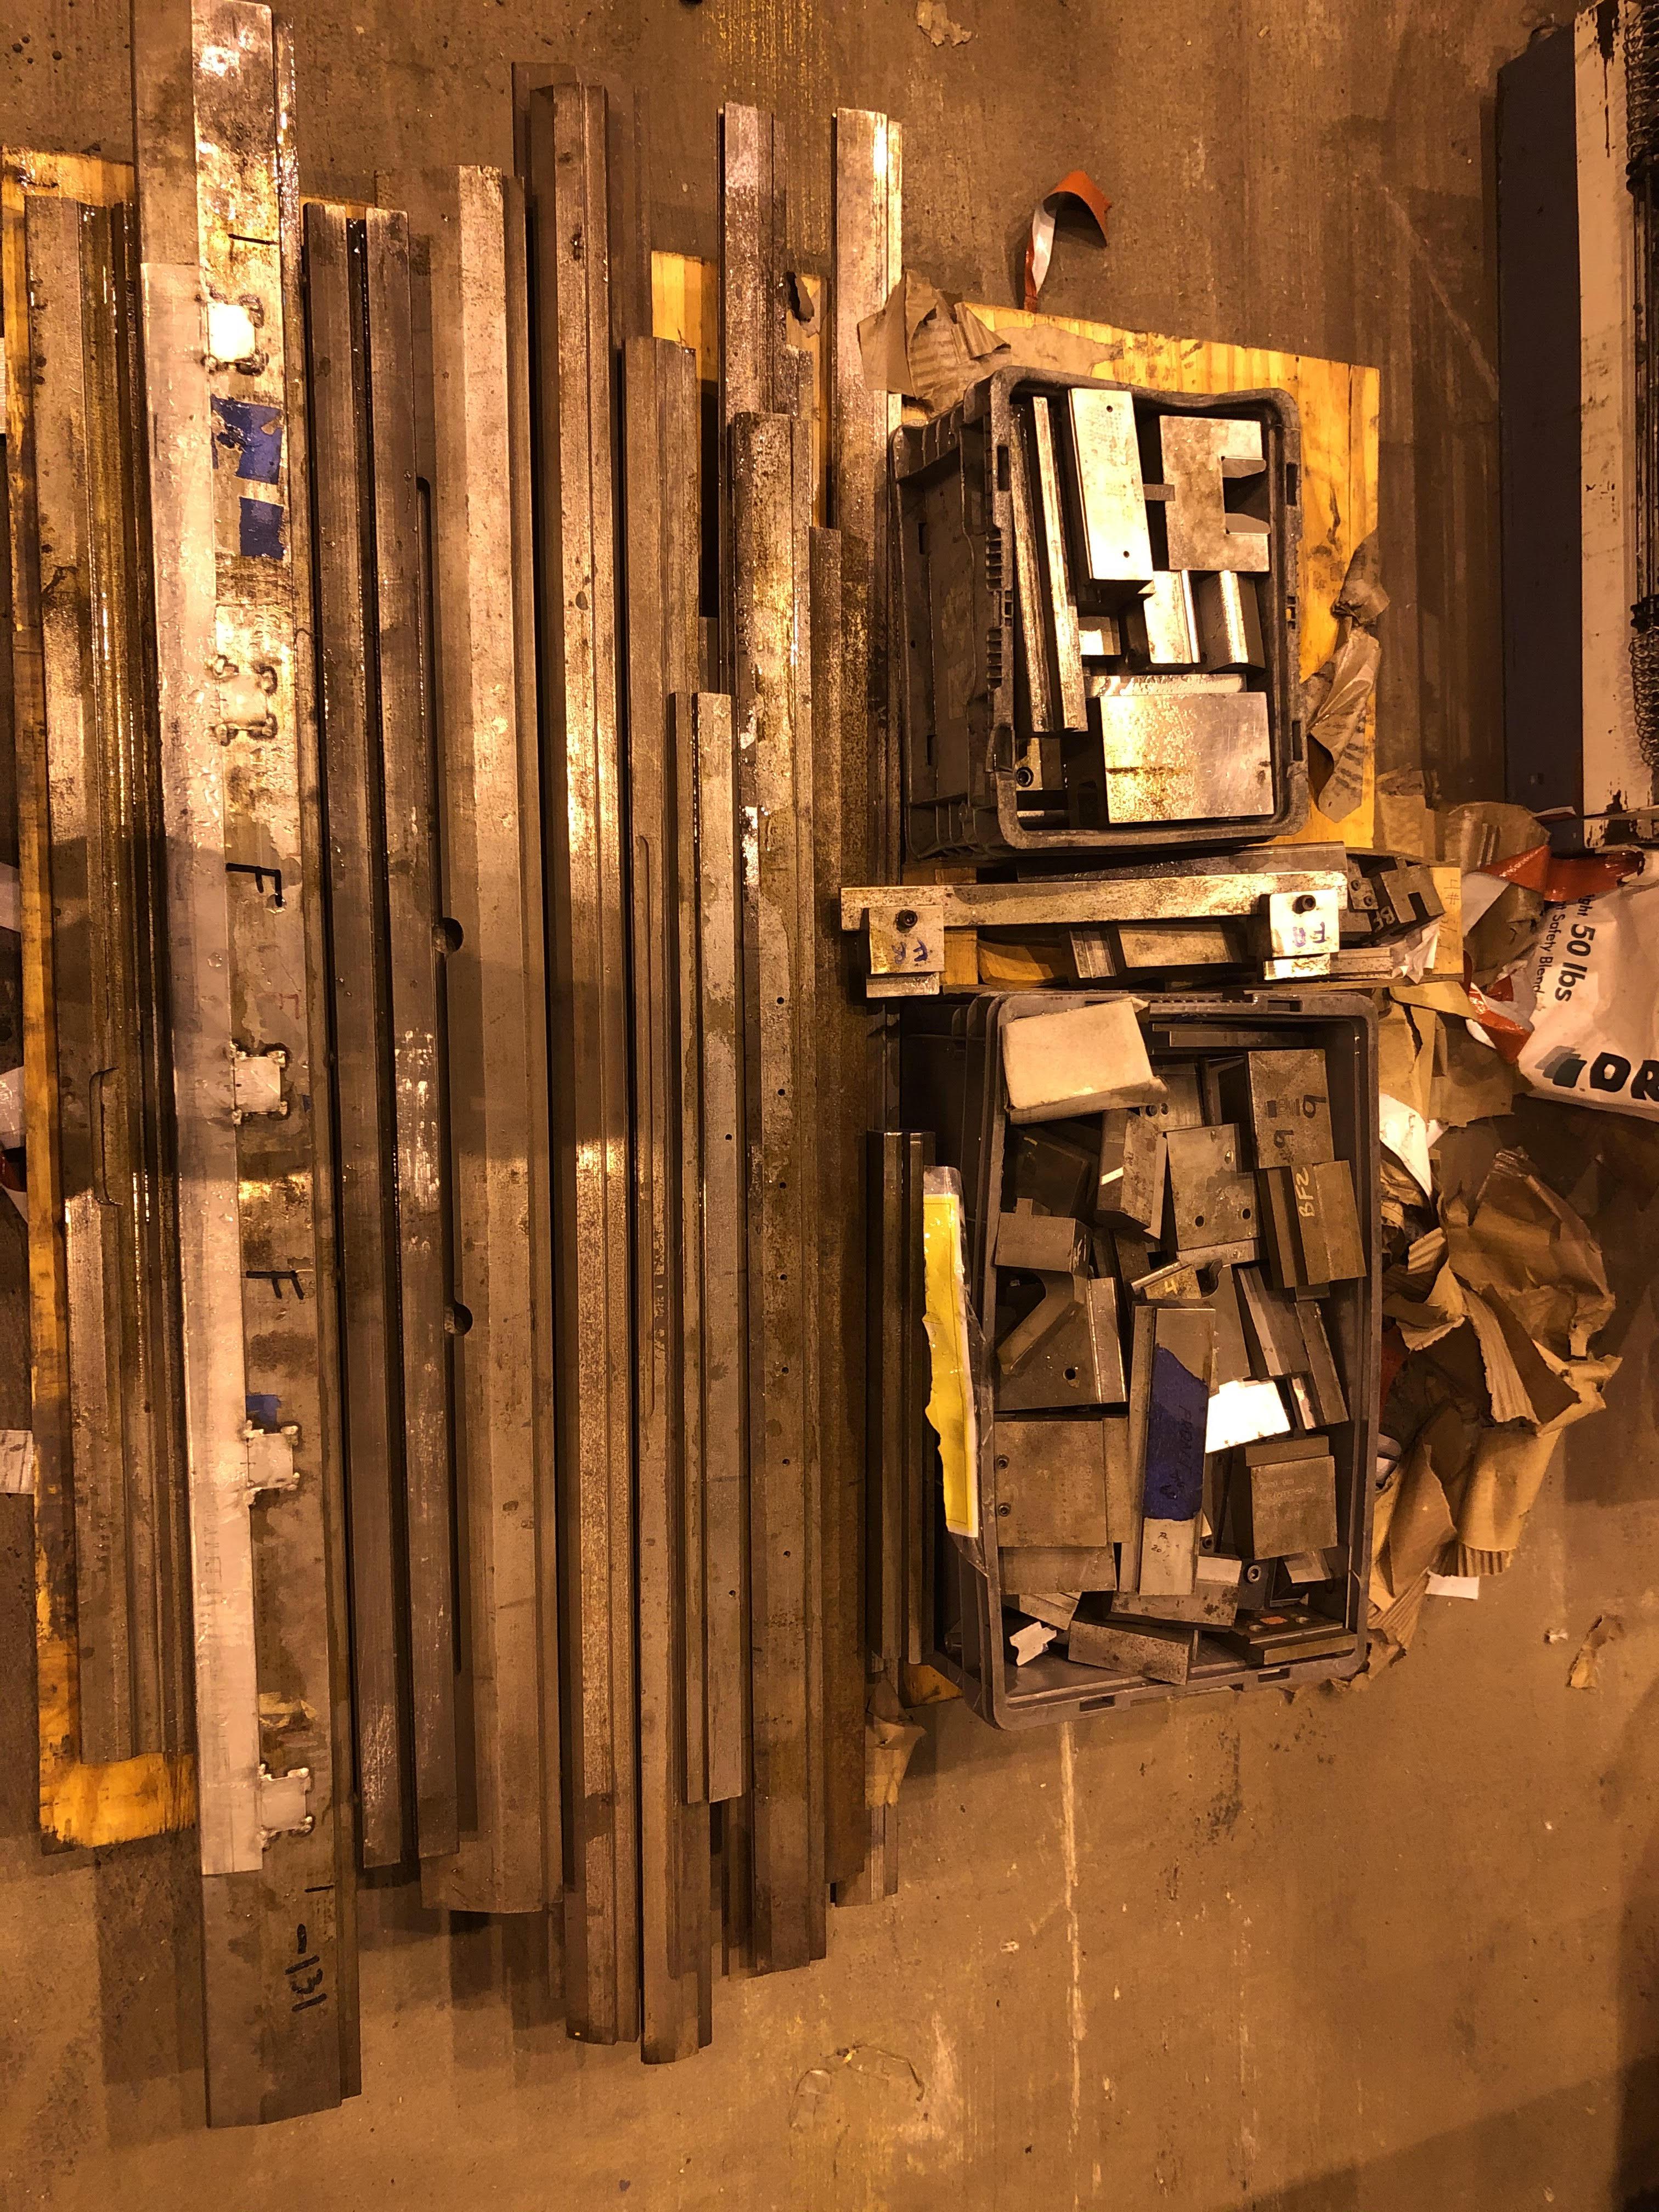 Guifil PE-30 33 Ton Press Brake - Image 10 of 14